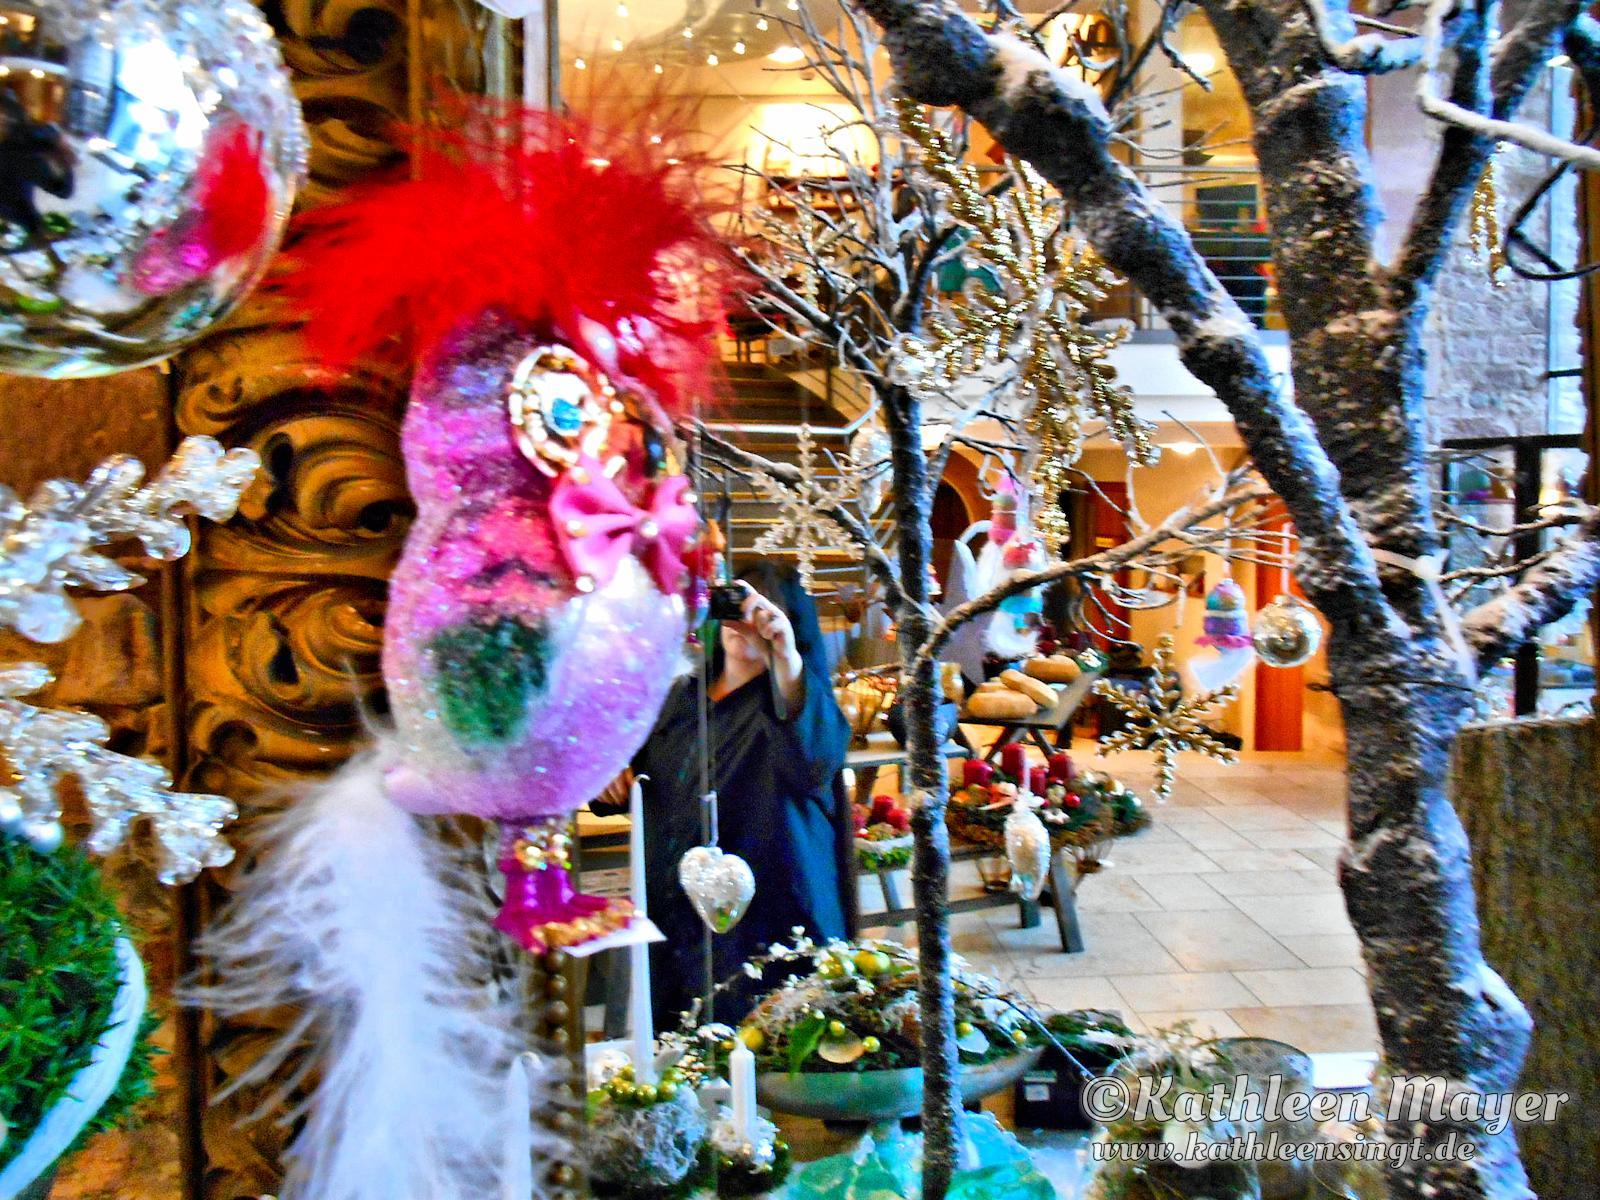 Weihnachtsmarkt im hotel kloster hornbach die hochzeitss ngerin im saarland u rheinland pfalz - Hornbach weihnachtsdeko ...